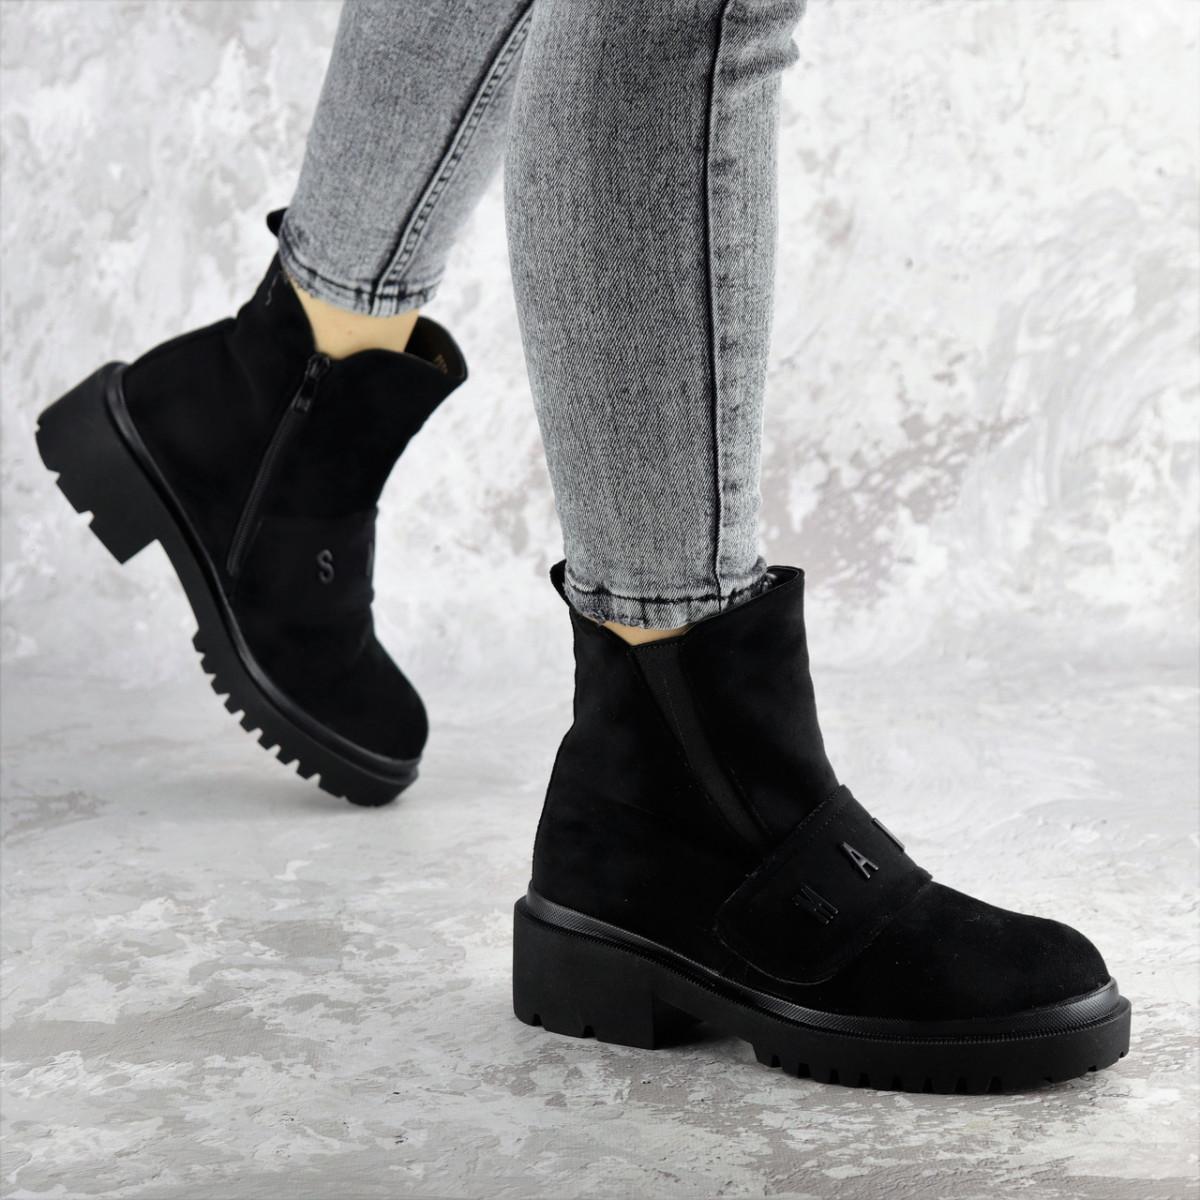 Ботинки женские зимние черные Atticus 2329 (36 размер)